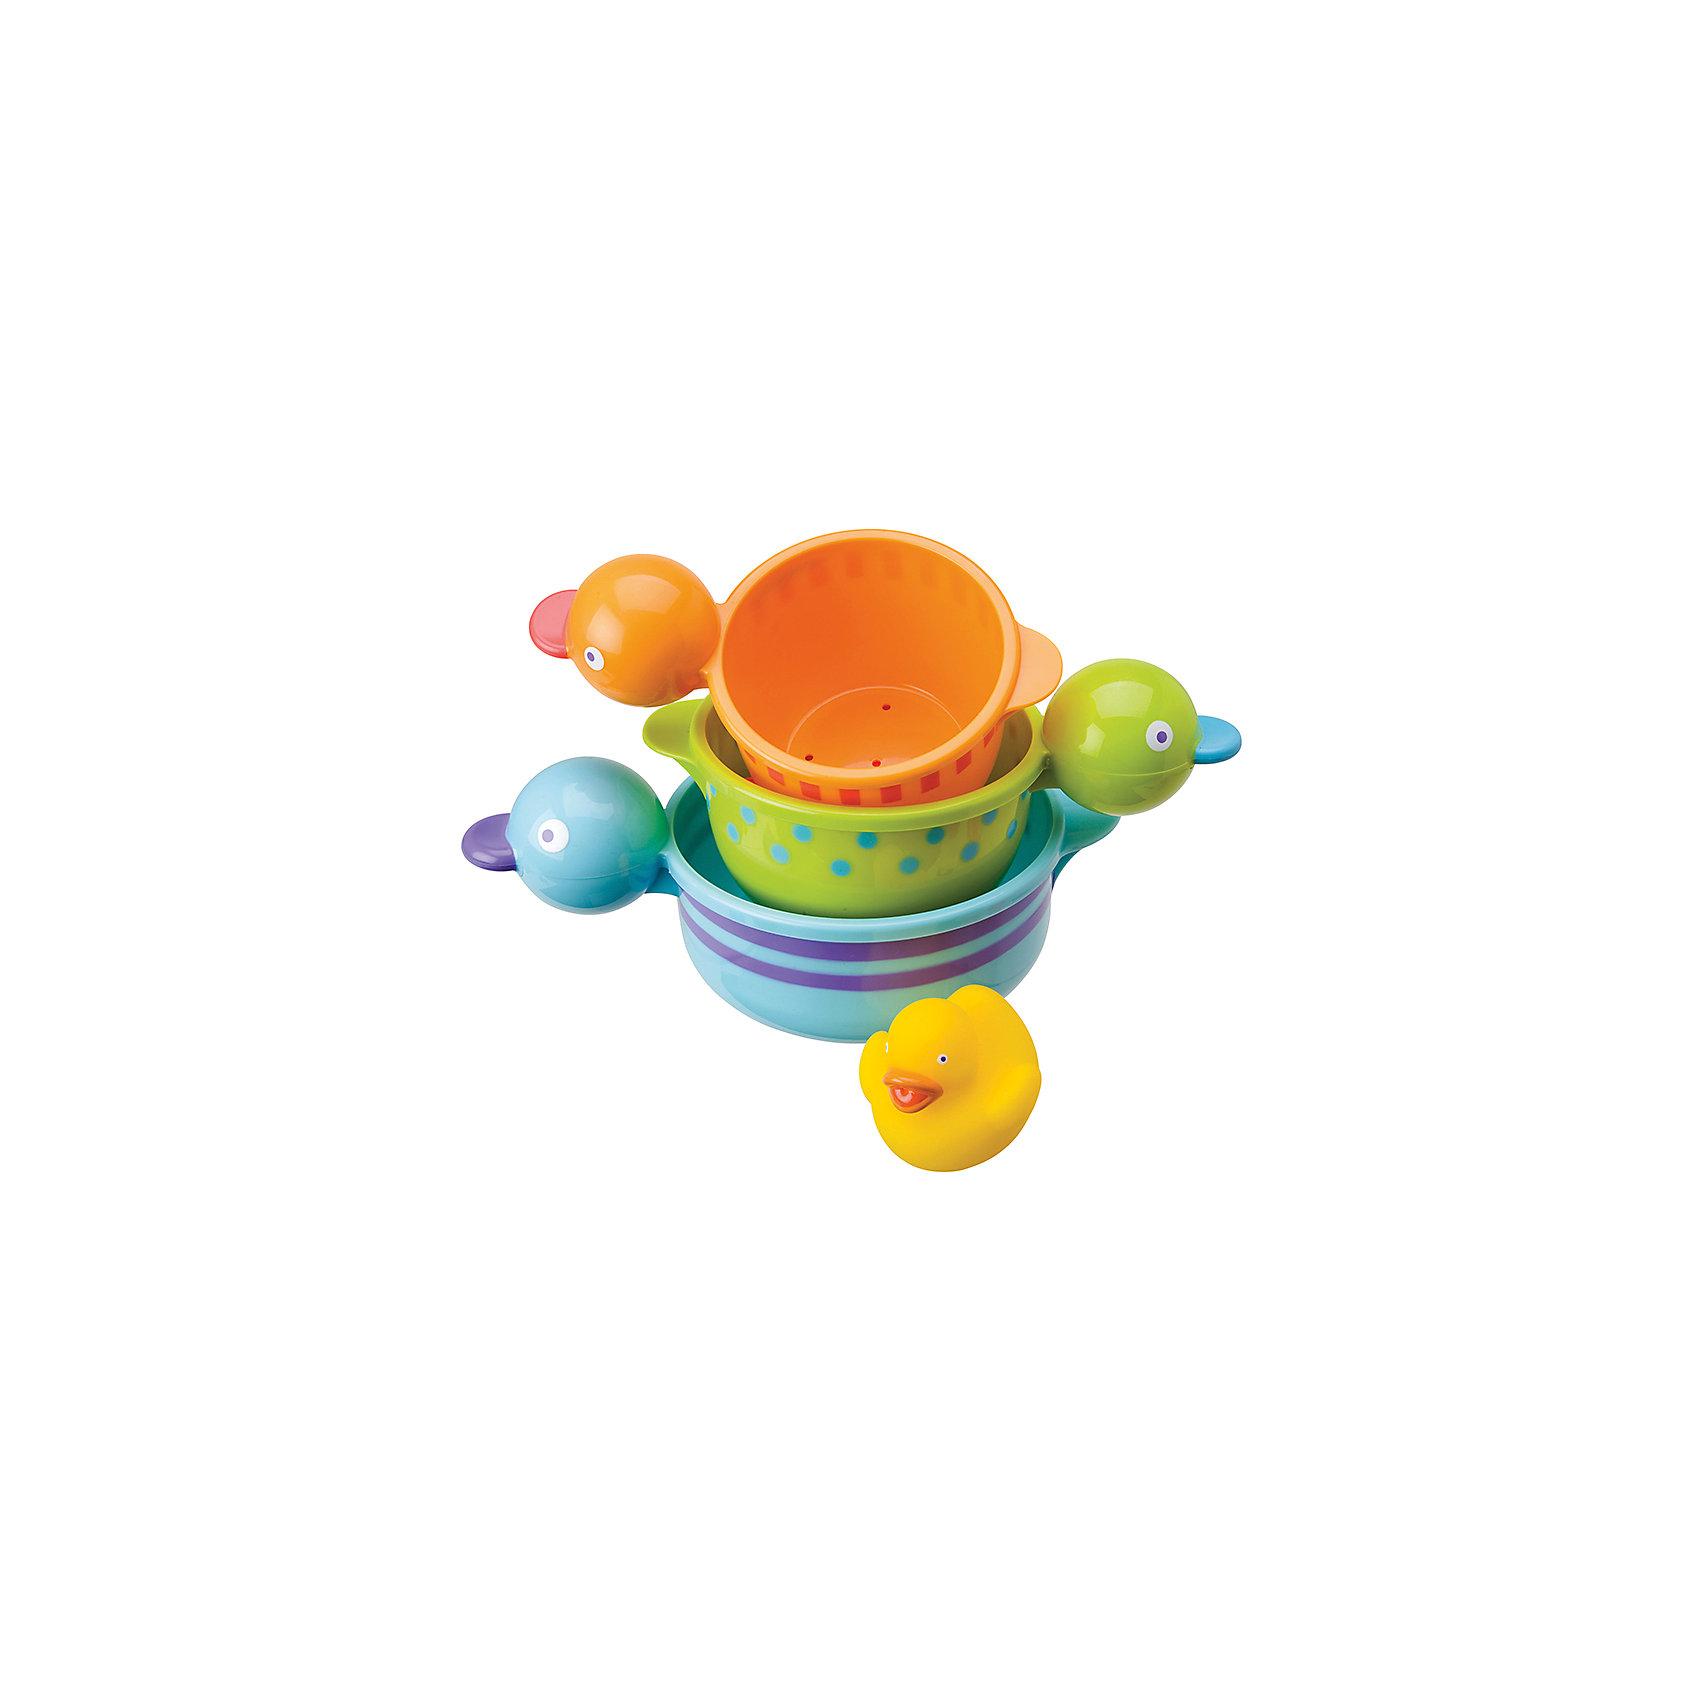 Набор для ванны Чашки-уточки, ALEXИгрушки для ванной<br>Характеристики:<br><br>• для детей в возрасте: от 6 месяцев<br>• в комплекте: 3 чашки разного размера, утенок<br>• материал: высококачественная пластмасса, гигиеническая мягкая резина<br>• размер упаковки: 279х154х127 мм.<br>• вес: 378 гр.<br><br>Набор для ванны «Чашки-уточки», ALEX (АЛЕКС) превратит купание малыша в веселую игру. В набор входит желтый резиновый утенок и 3 забавные разноцветные пластиковые чашечки в виде уточек. Чашки, как настоящие уточки, могут плавать по воде. Их можно собирать в пирамидку. Кроме того, каждая чашка имеет удобную для хватания, ручку в форме головы утки. Все элементы набора выполнены в ярких красках.<br>Набор для ванны «Чашки-уточки» развивает воображение, цветовосприятие, мелкую моторику, а также помогает ребенку справиться с боязнью воды.<br><br>Набор для ванны Чашки-уточки, ALEX (АЛЕКС) можно купить в нашем интернет-магазине.<br><br>Ширина мм: 279<br>Глубина мм: 254<br>Высота мм: 127<br>Вес г: 378<br>Возраст от месяцев: 6<br>Возраст до месяцев: 2147483647<br>Пол: Унисекс<br>Возраст: Детский<br>SKU: 6725327